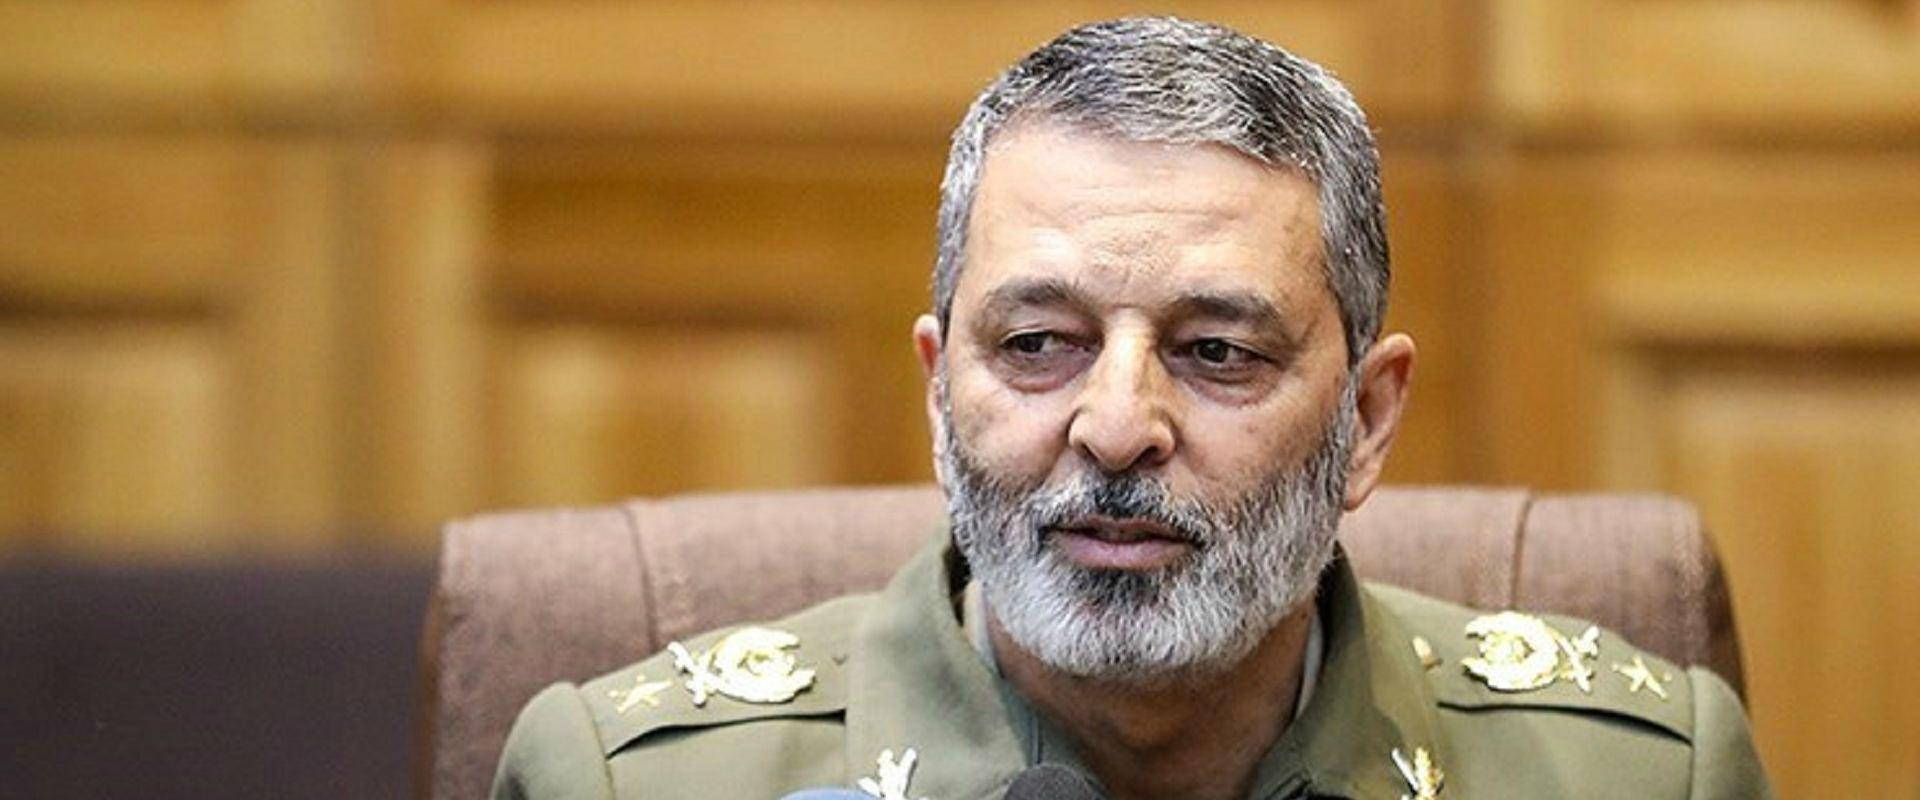 """הרמטכ""""ל האיראני החדש, מוסאבי"""